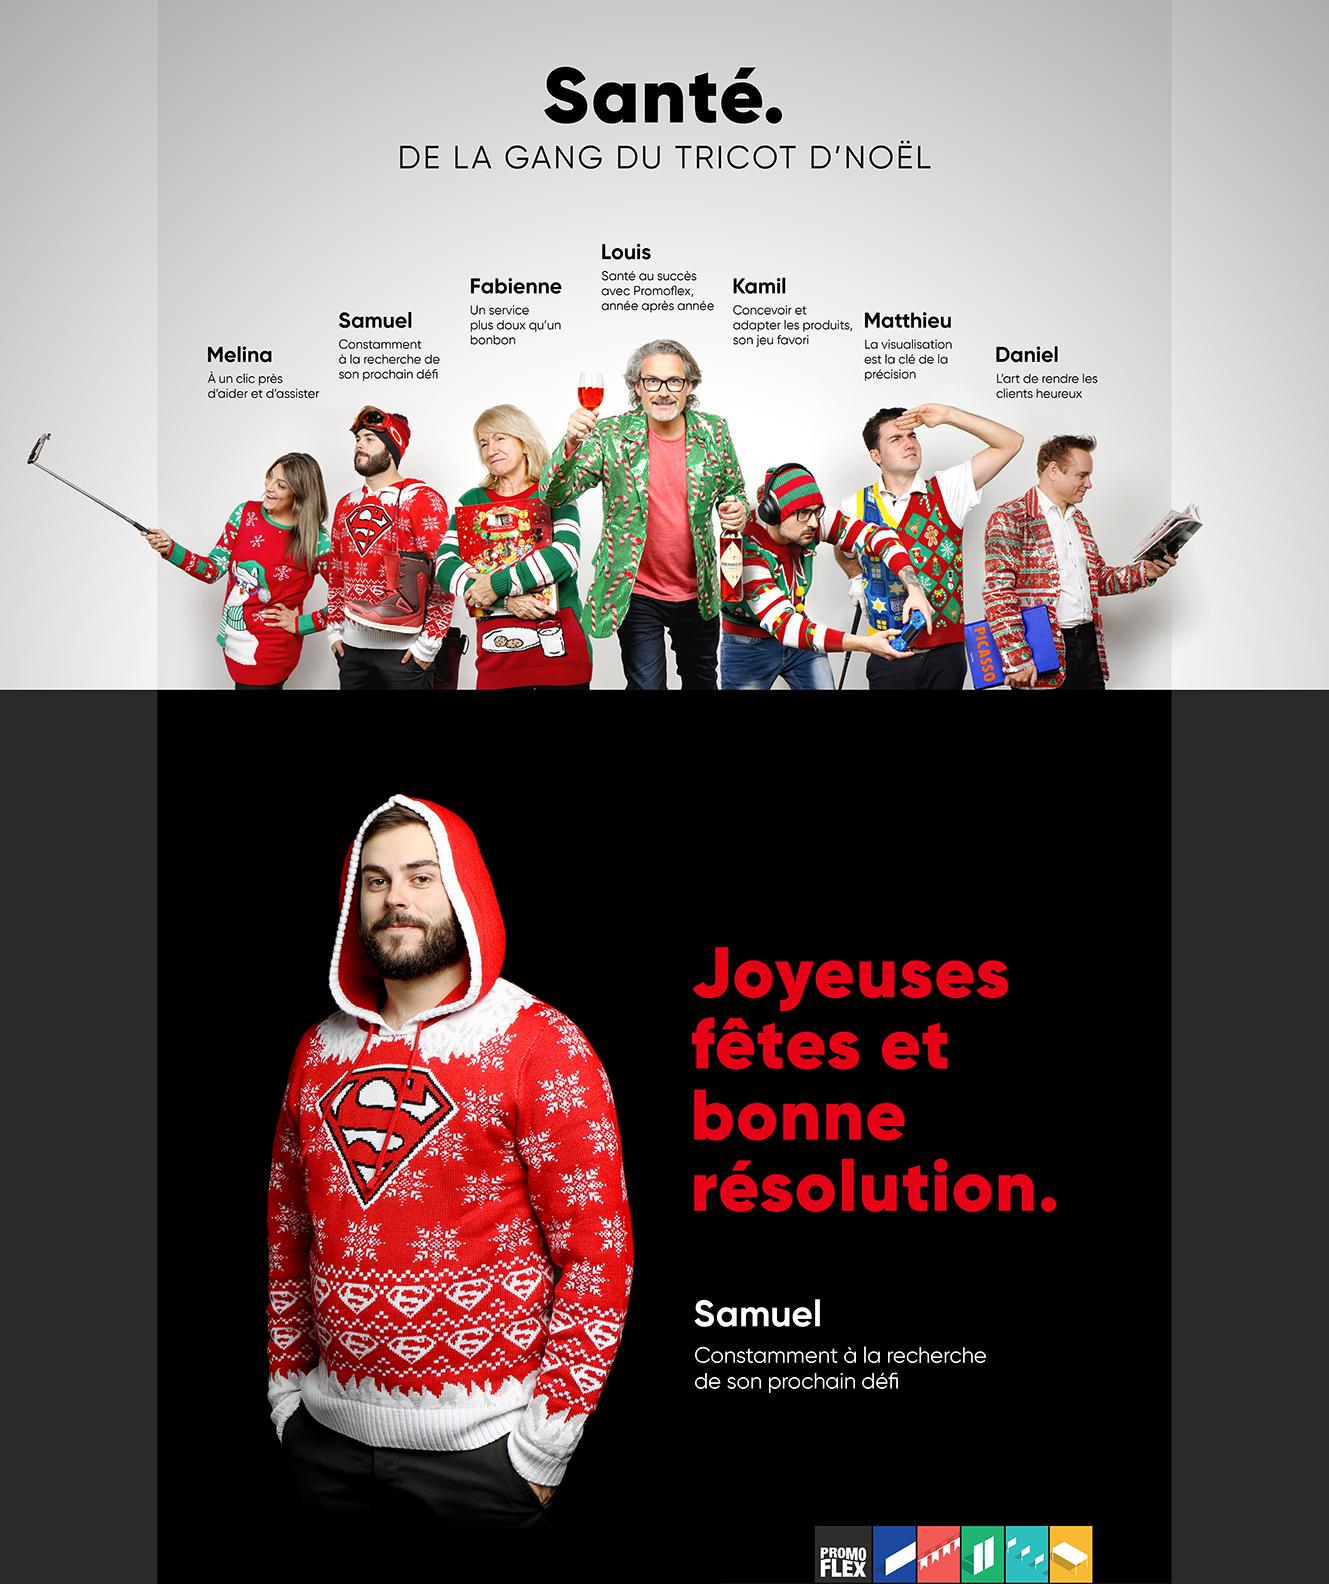 Holiday_sending_2018_grp_samuel_fr.jpg (992 KB)